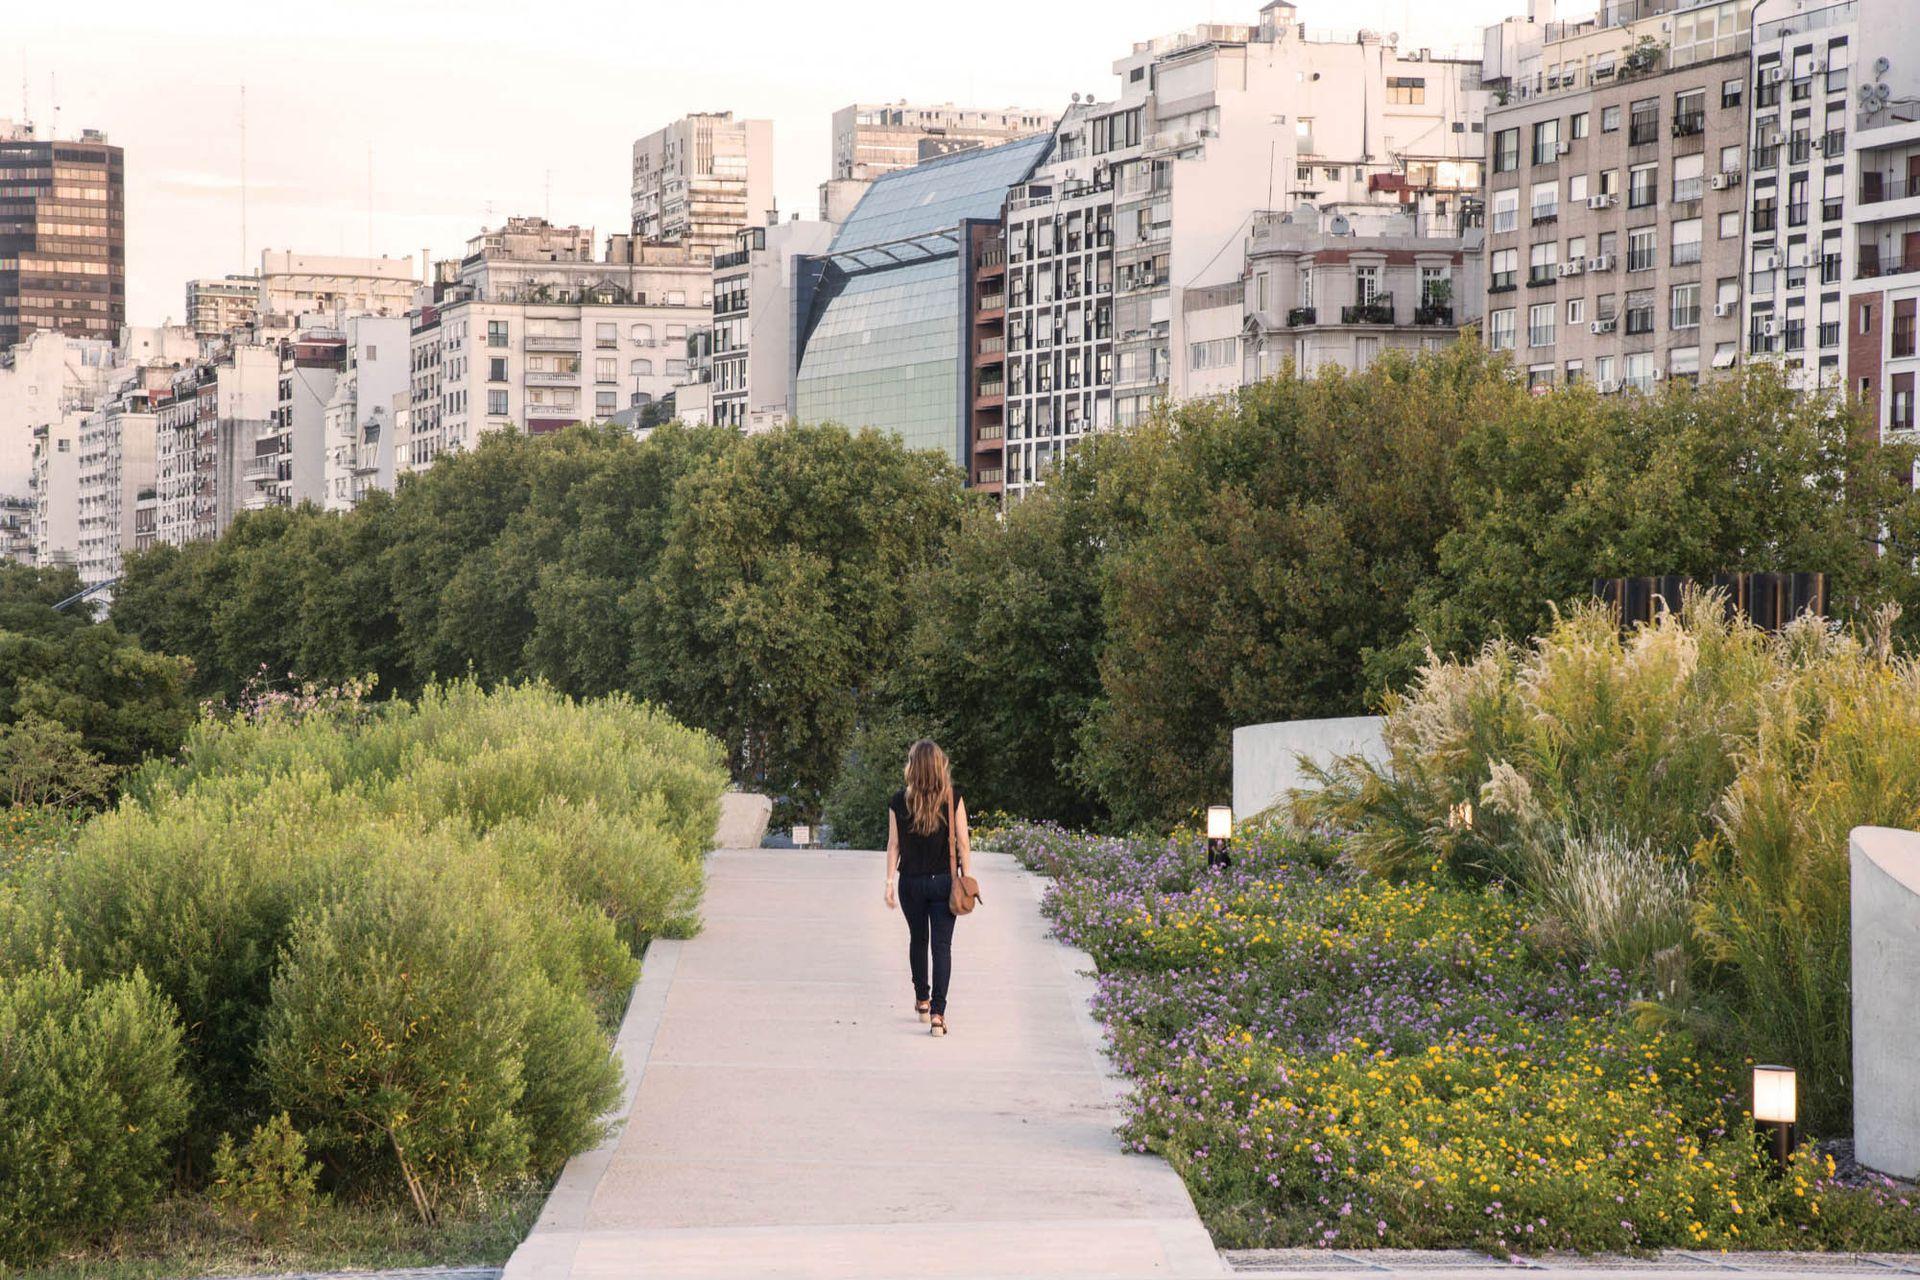 En un parque en pleno centro urbano se impulsa la restauración del paisaje con plantas nativas que atraen aves e insectos, apuntando también a que funcione sin riego y sin agroquímicos. Arquitectura y Paisajismo: Edgardo Minond y Estudio Bulla.